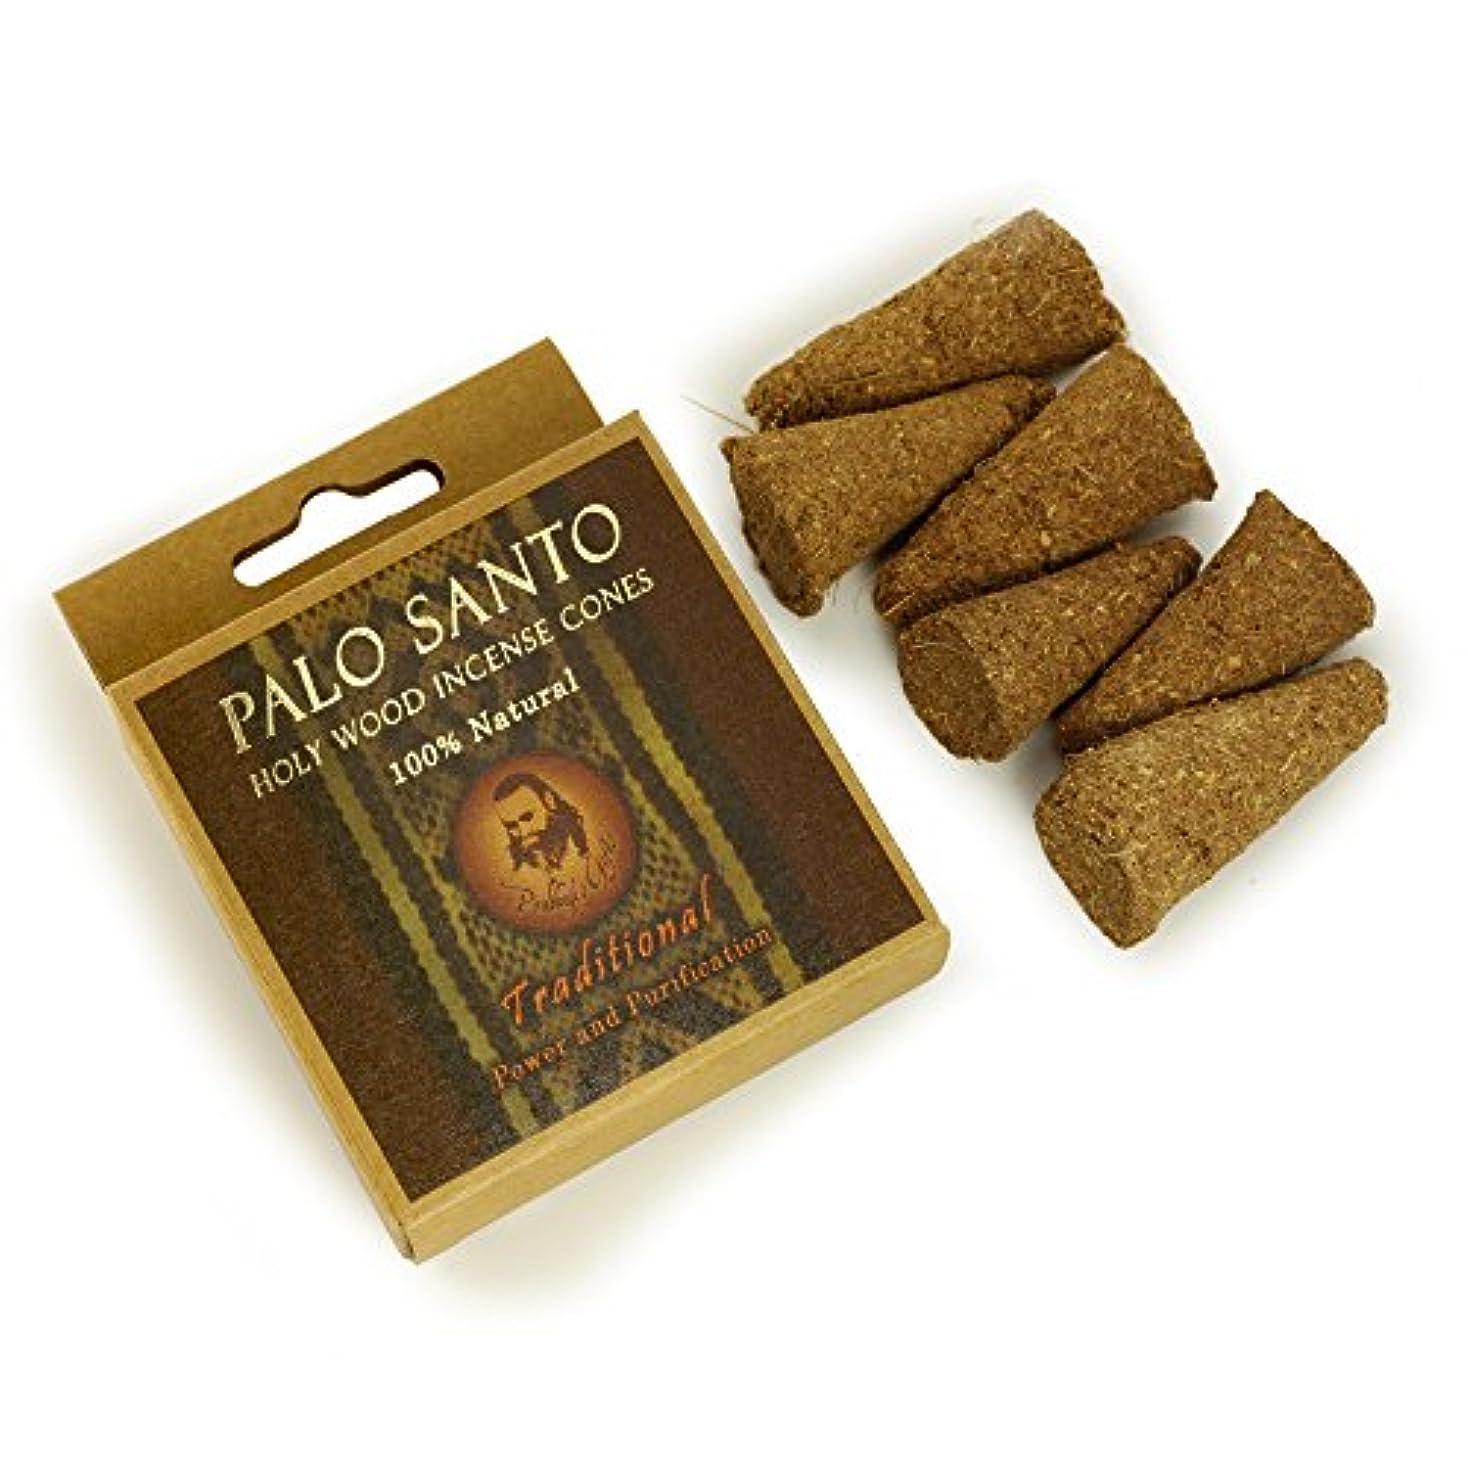 前奏曲軌道絶望的なPalo Santo Traditional – 電源& Purification – 6 Incense Cones